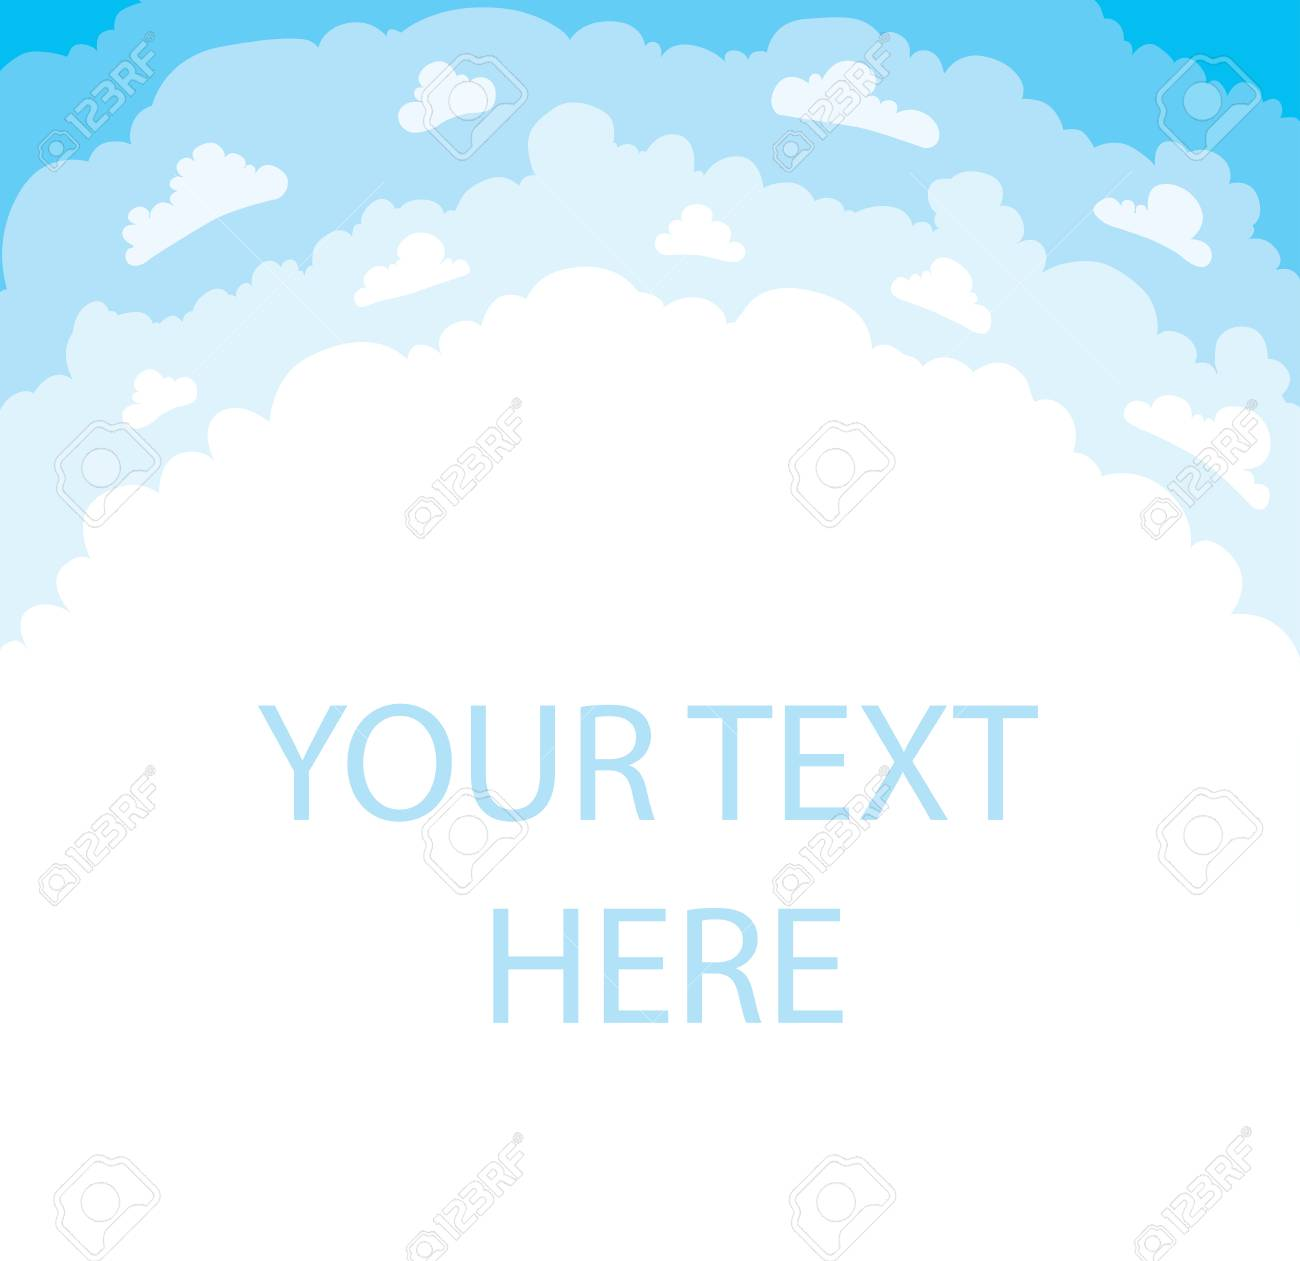 空の背景イラスト漫画上雲のデザイン ロイヤリティーフリーフォト